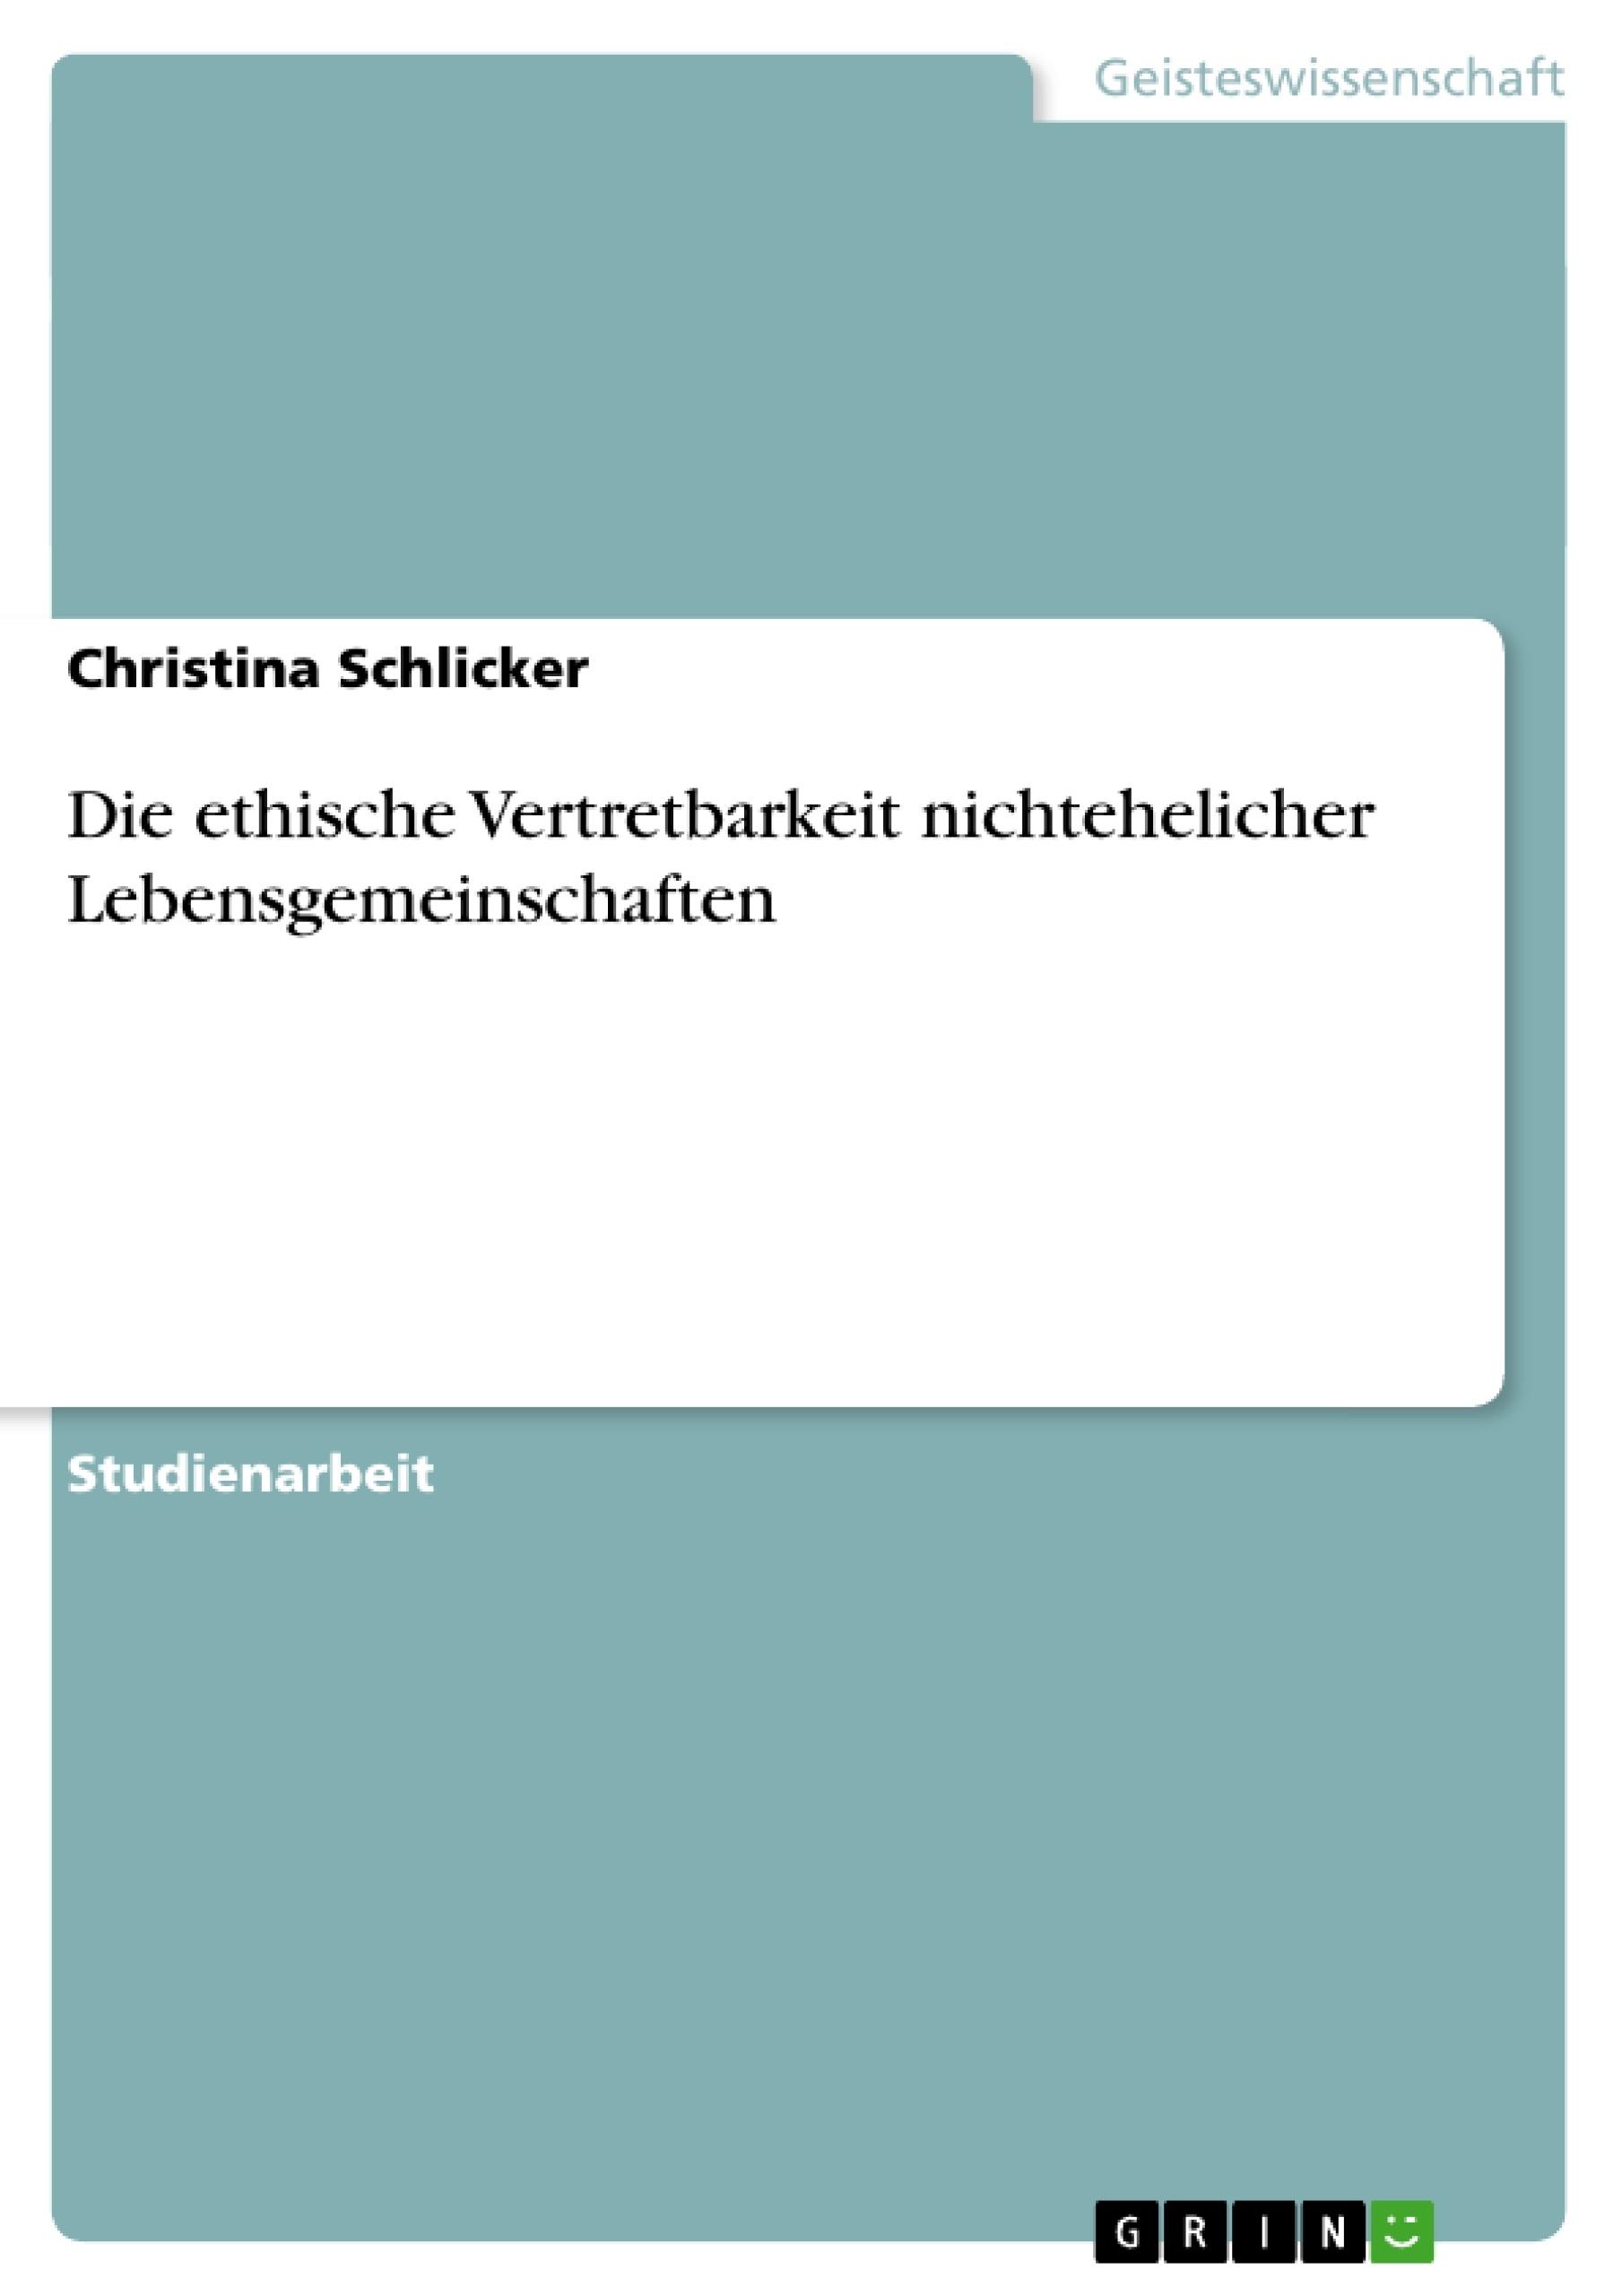 Titel: Die ethische Vertretbarkeit nichtehelicher Lebensgemeinschaften